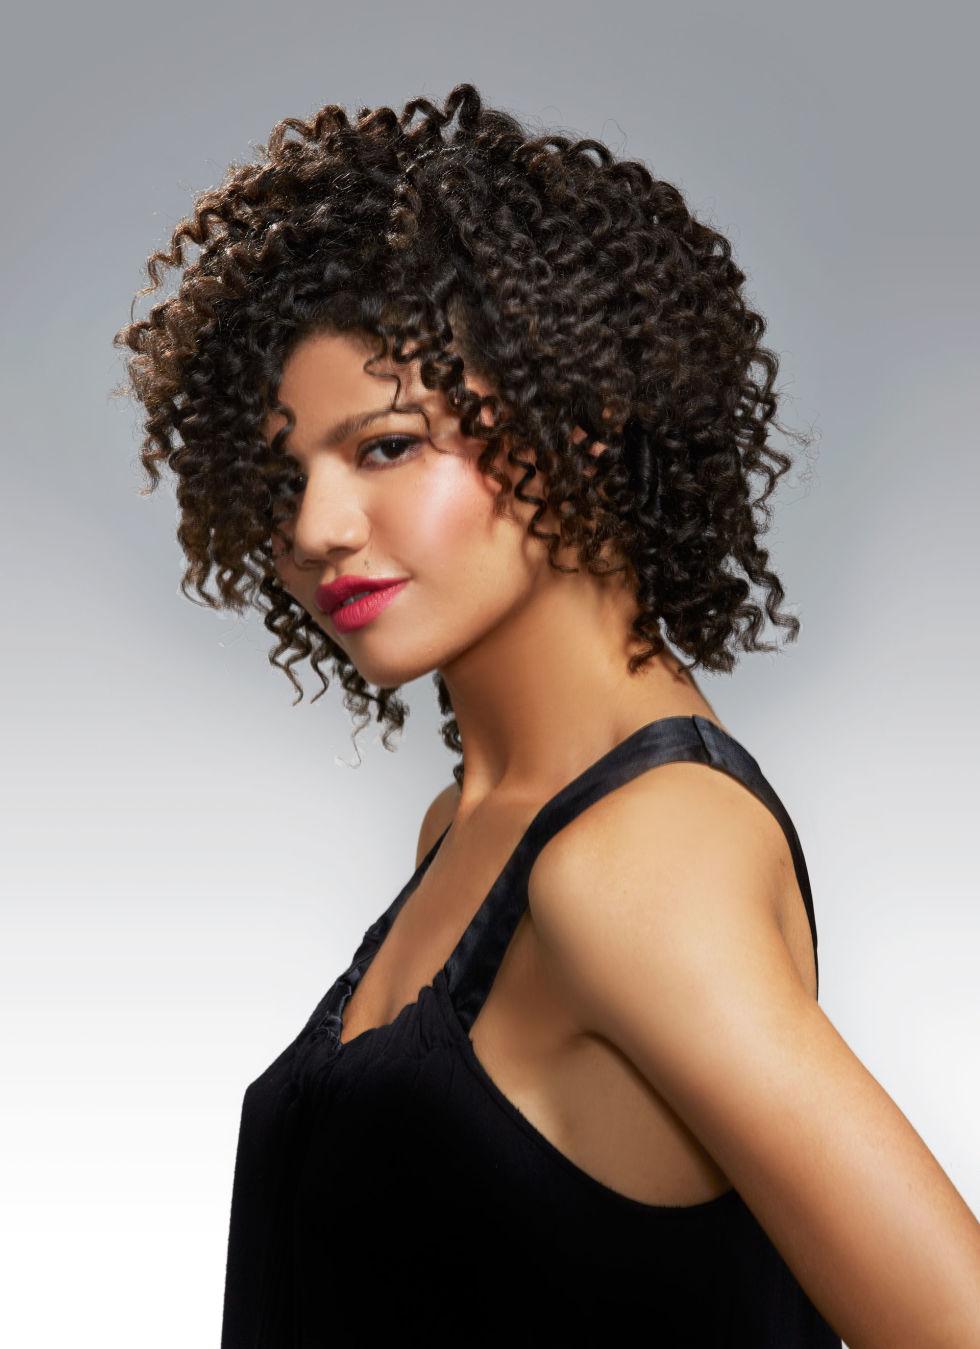 Marvelous 29 Black Hairstyles Best African American Hairstyles Amp Haircuts Short Hairstyles Gunalazisus